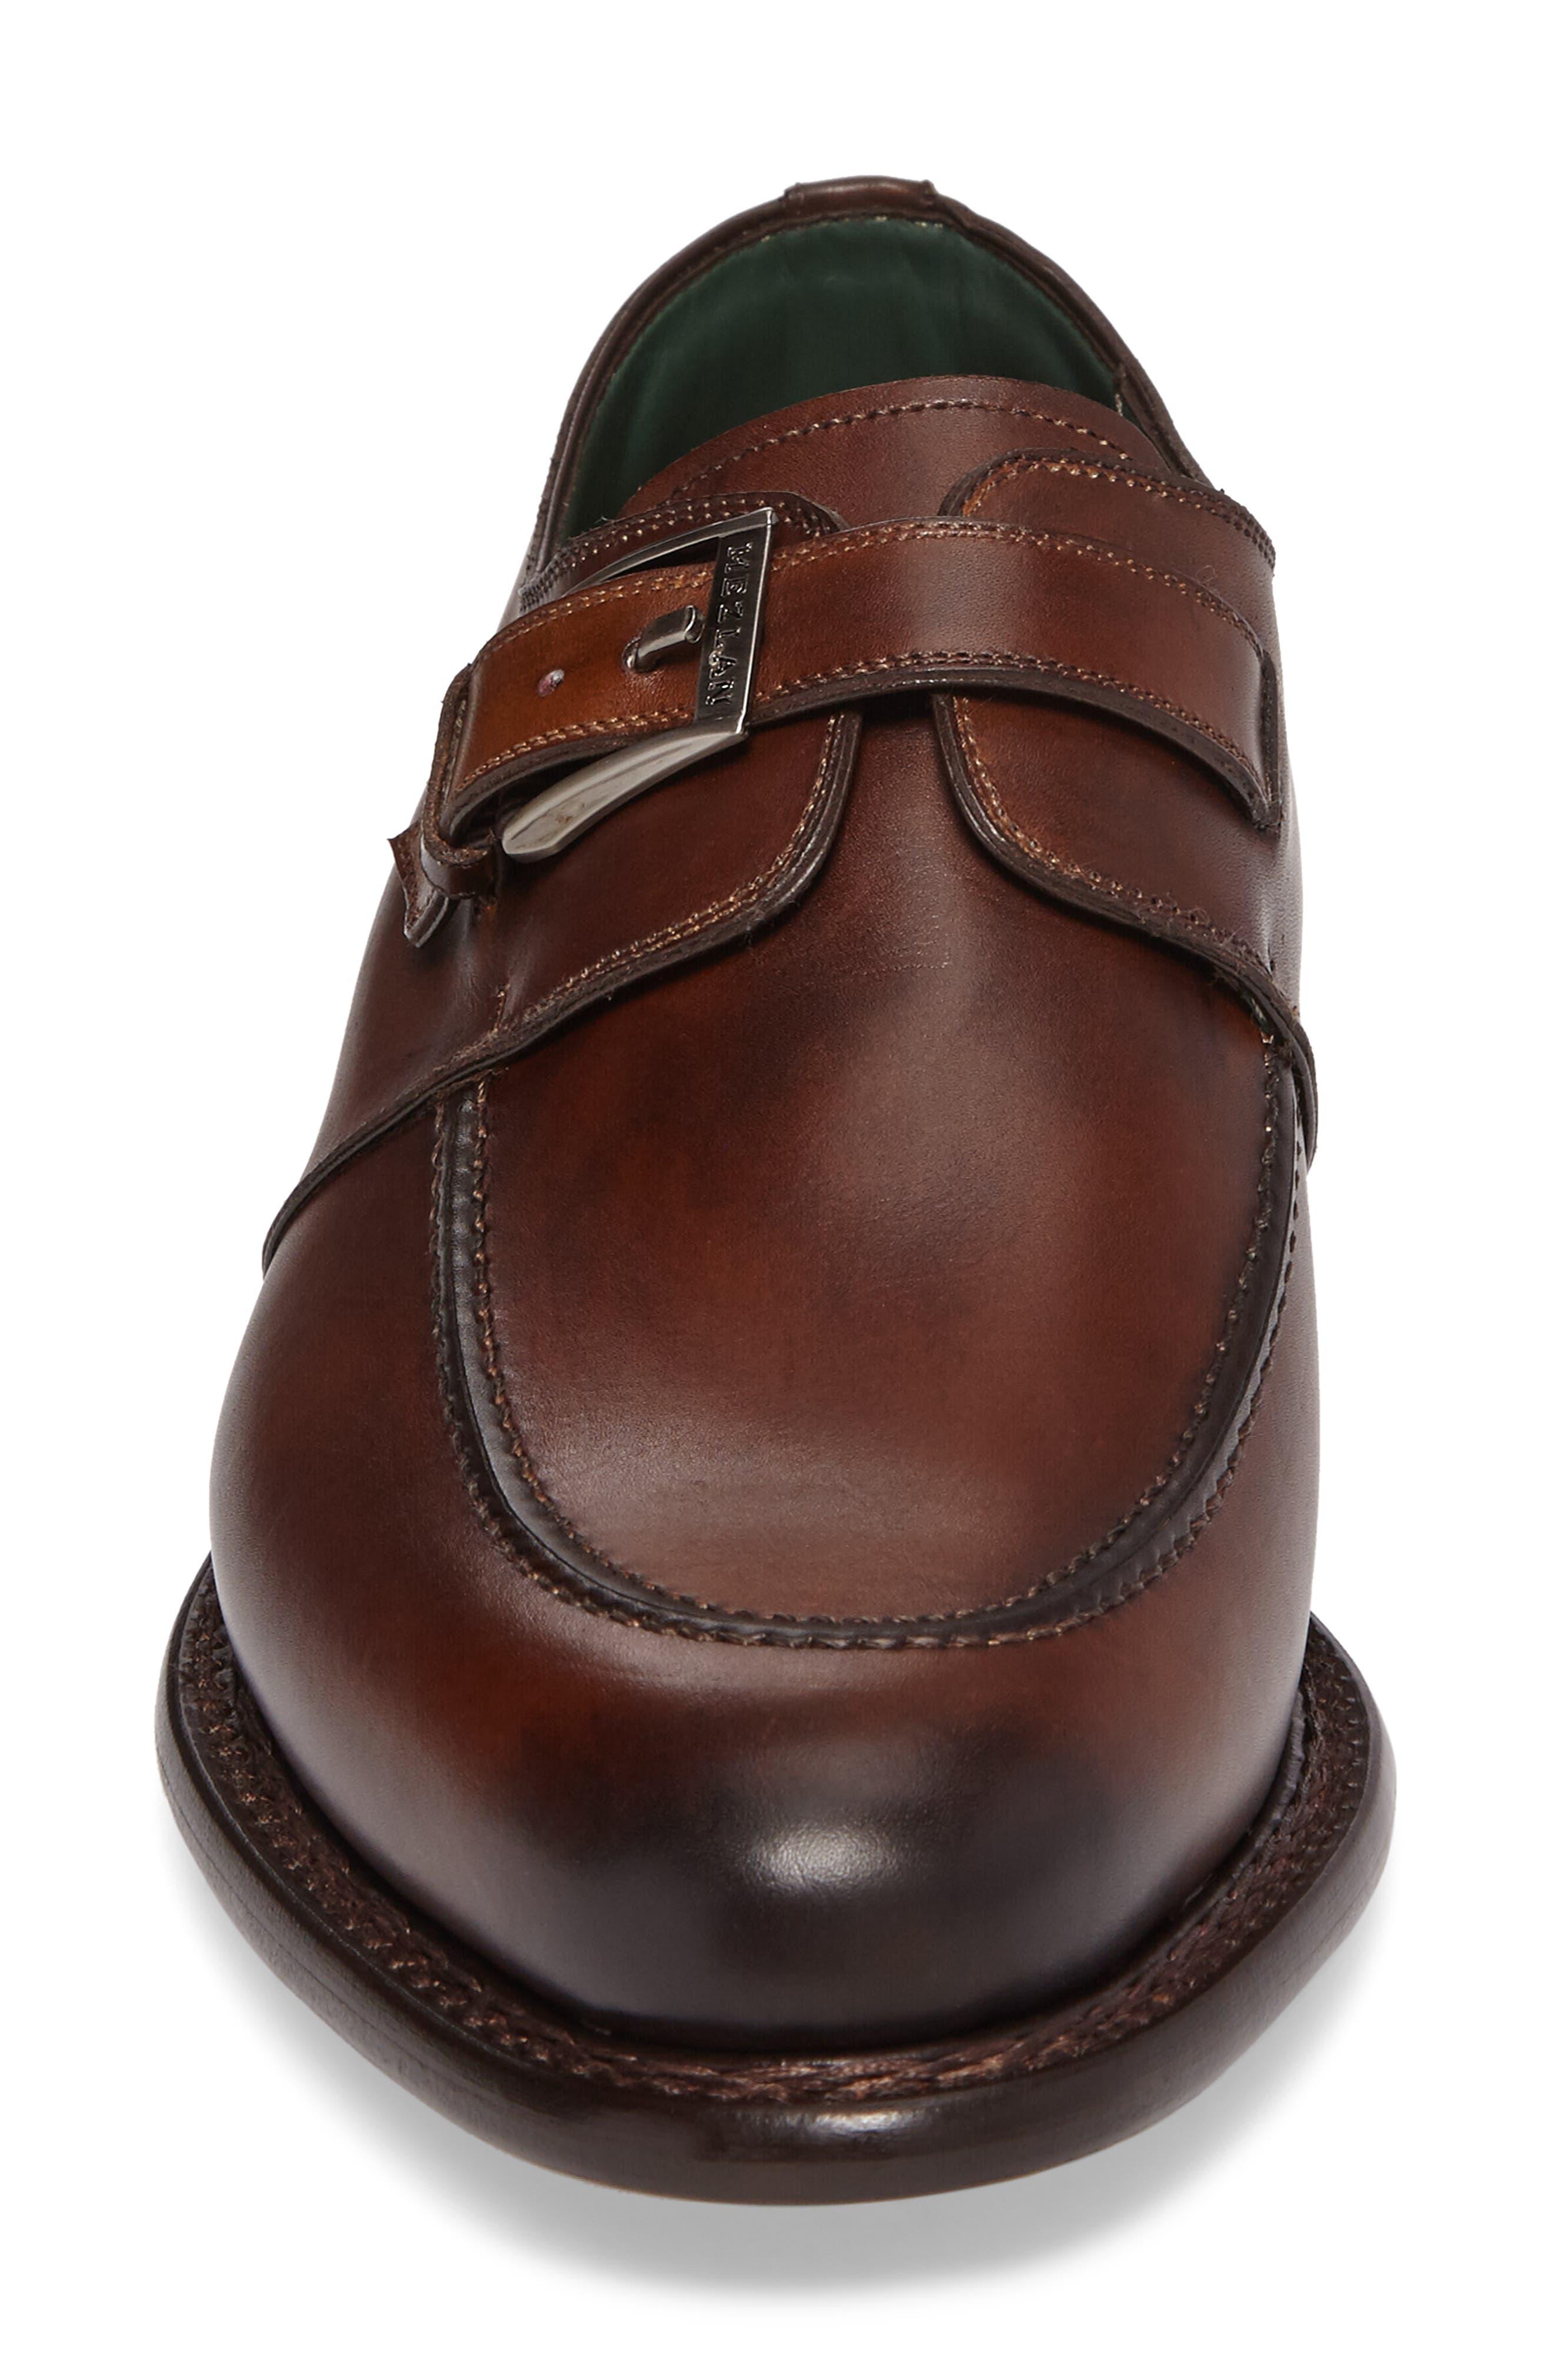 Aguilar Monk Strap Shoe,                             Alternate thumbnail 4, color,                             COGNAC LEATHER